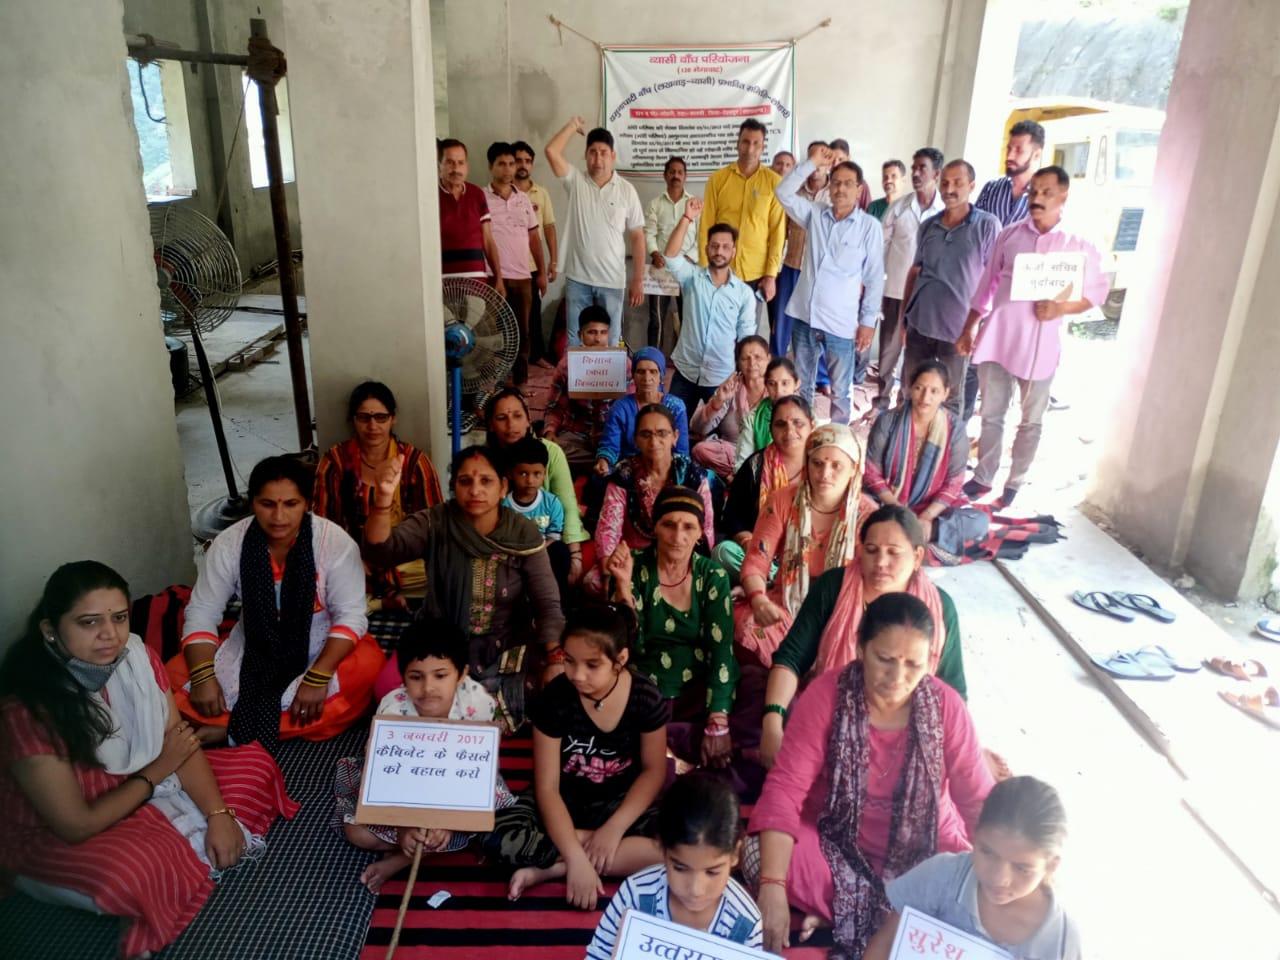 उत्तराखंड लोहारी ब्रेकिंग न्यूज़ :आज धरना स्थल पर सामाजिक कार्यकत्री तथा नमामि गंगे की प्रदेश मंत्री रितु ठाकुर जी ने आकर लोहारी के ग्रामीणों को अपना समर्थन दिया